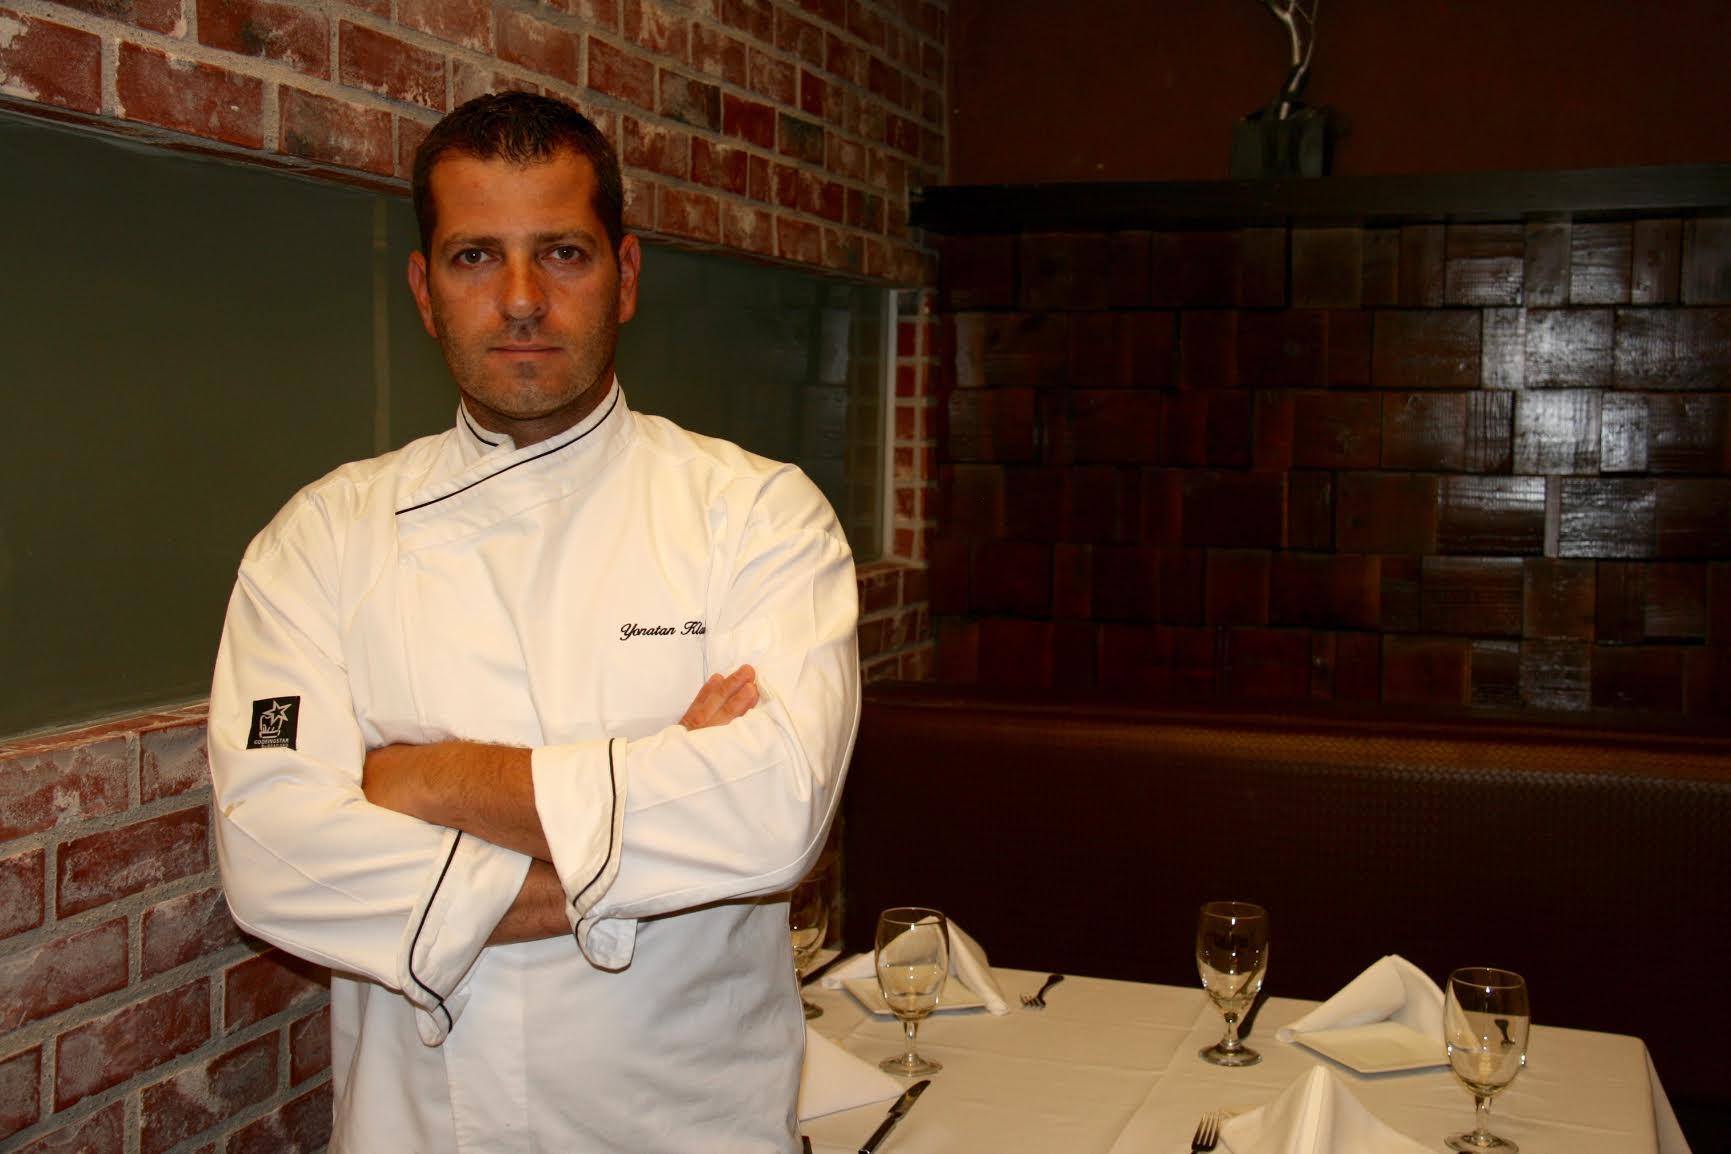 מאסטר שף: יונתן קליינמן התמחה בלאס וגאס ועכשיו מתכוון לכבוש את לוס אנג׳לס